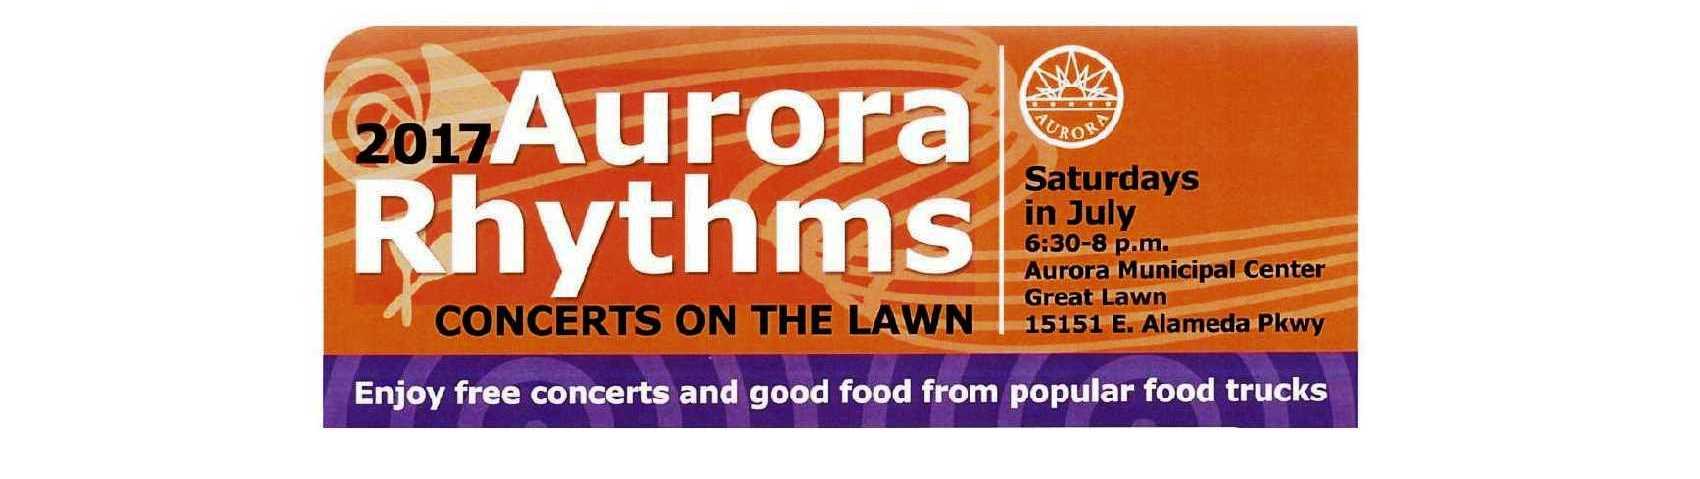 Aurora-Rhythms-with-food-test